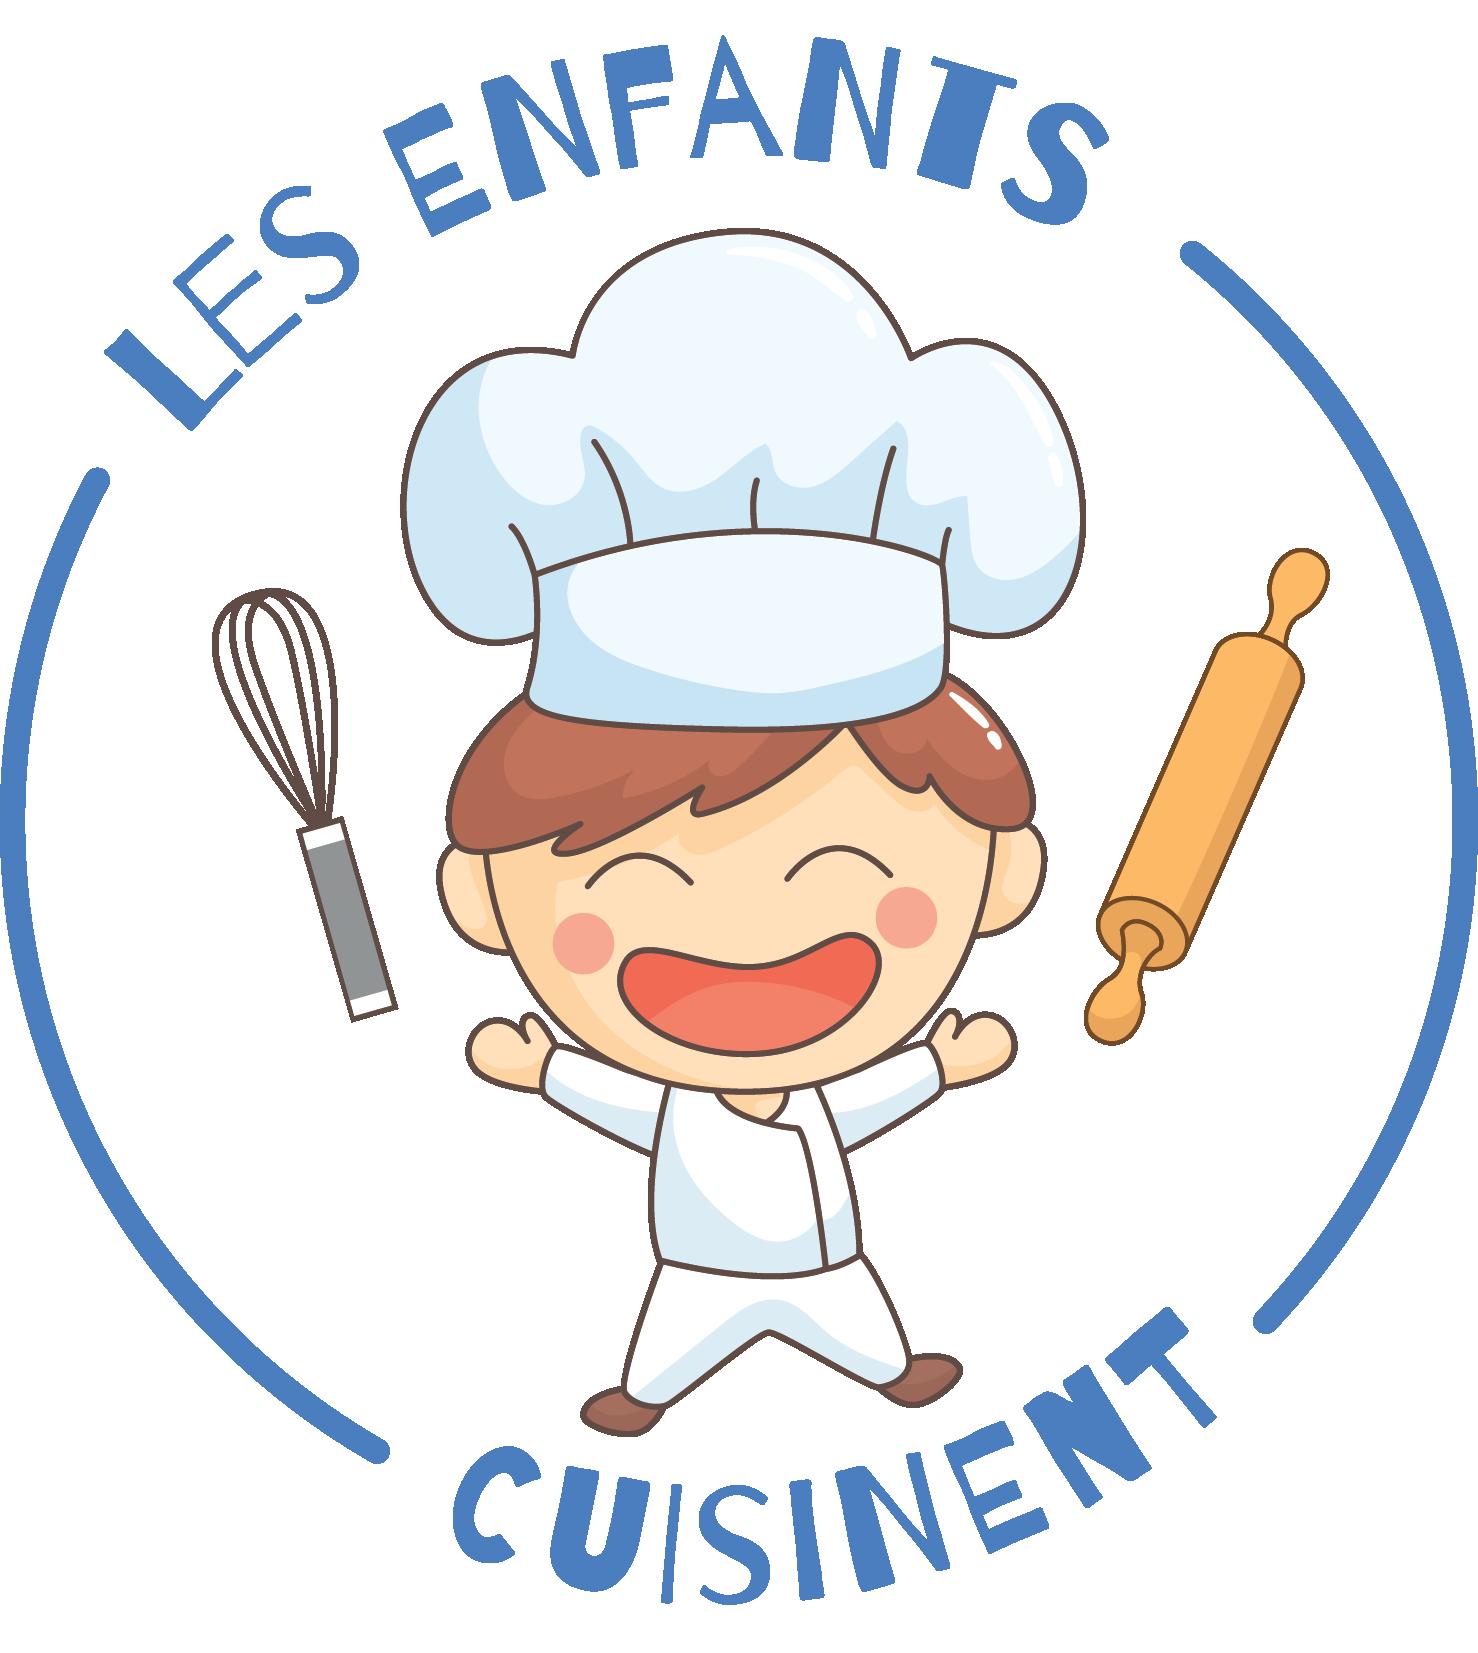 Les enfants cuisinent – L'association des chefs qui s'invitent à l'école !